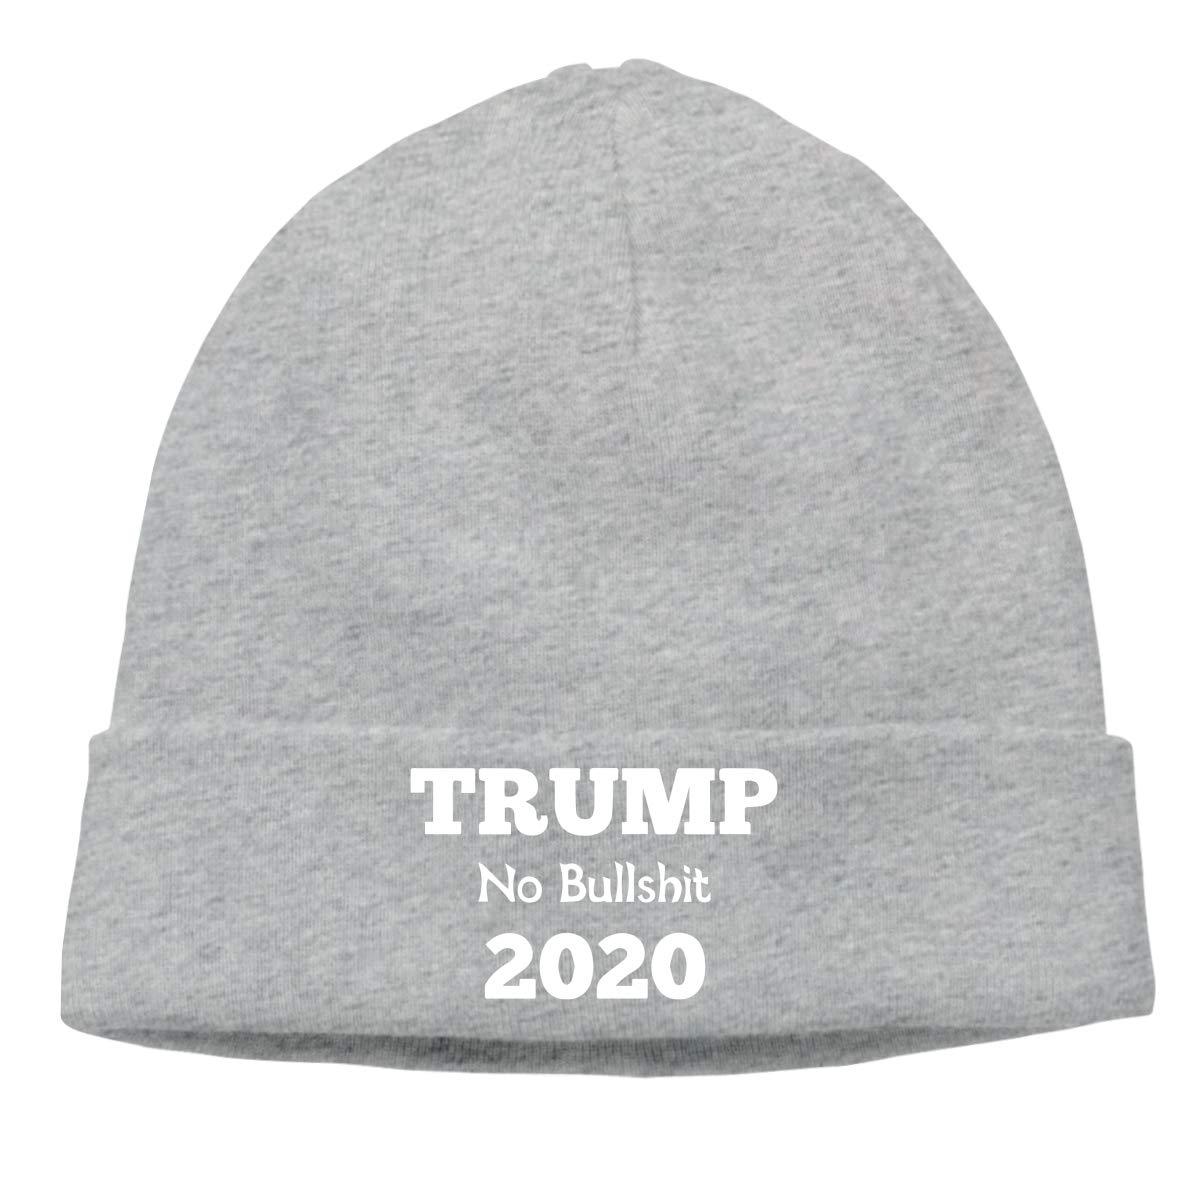 Mens/&Womens Donald 2020 No Bullshit Soft Knit Beanie Caps